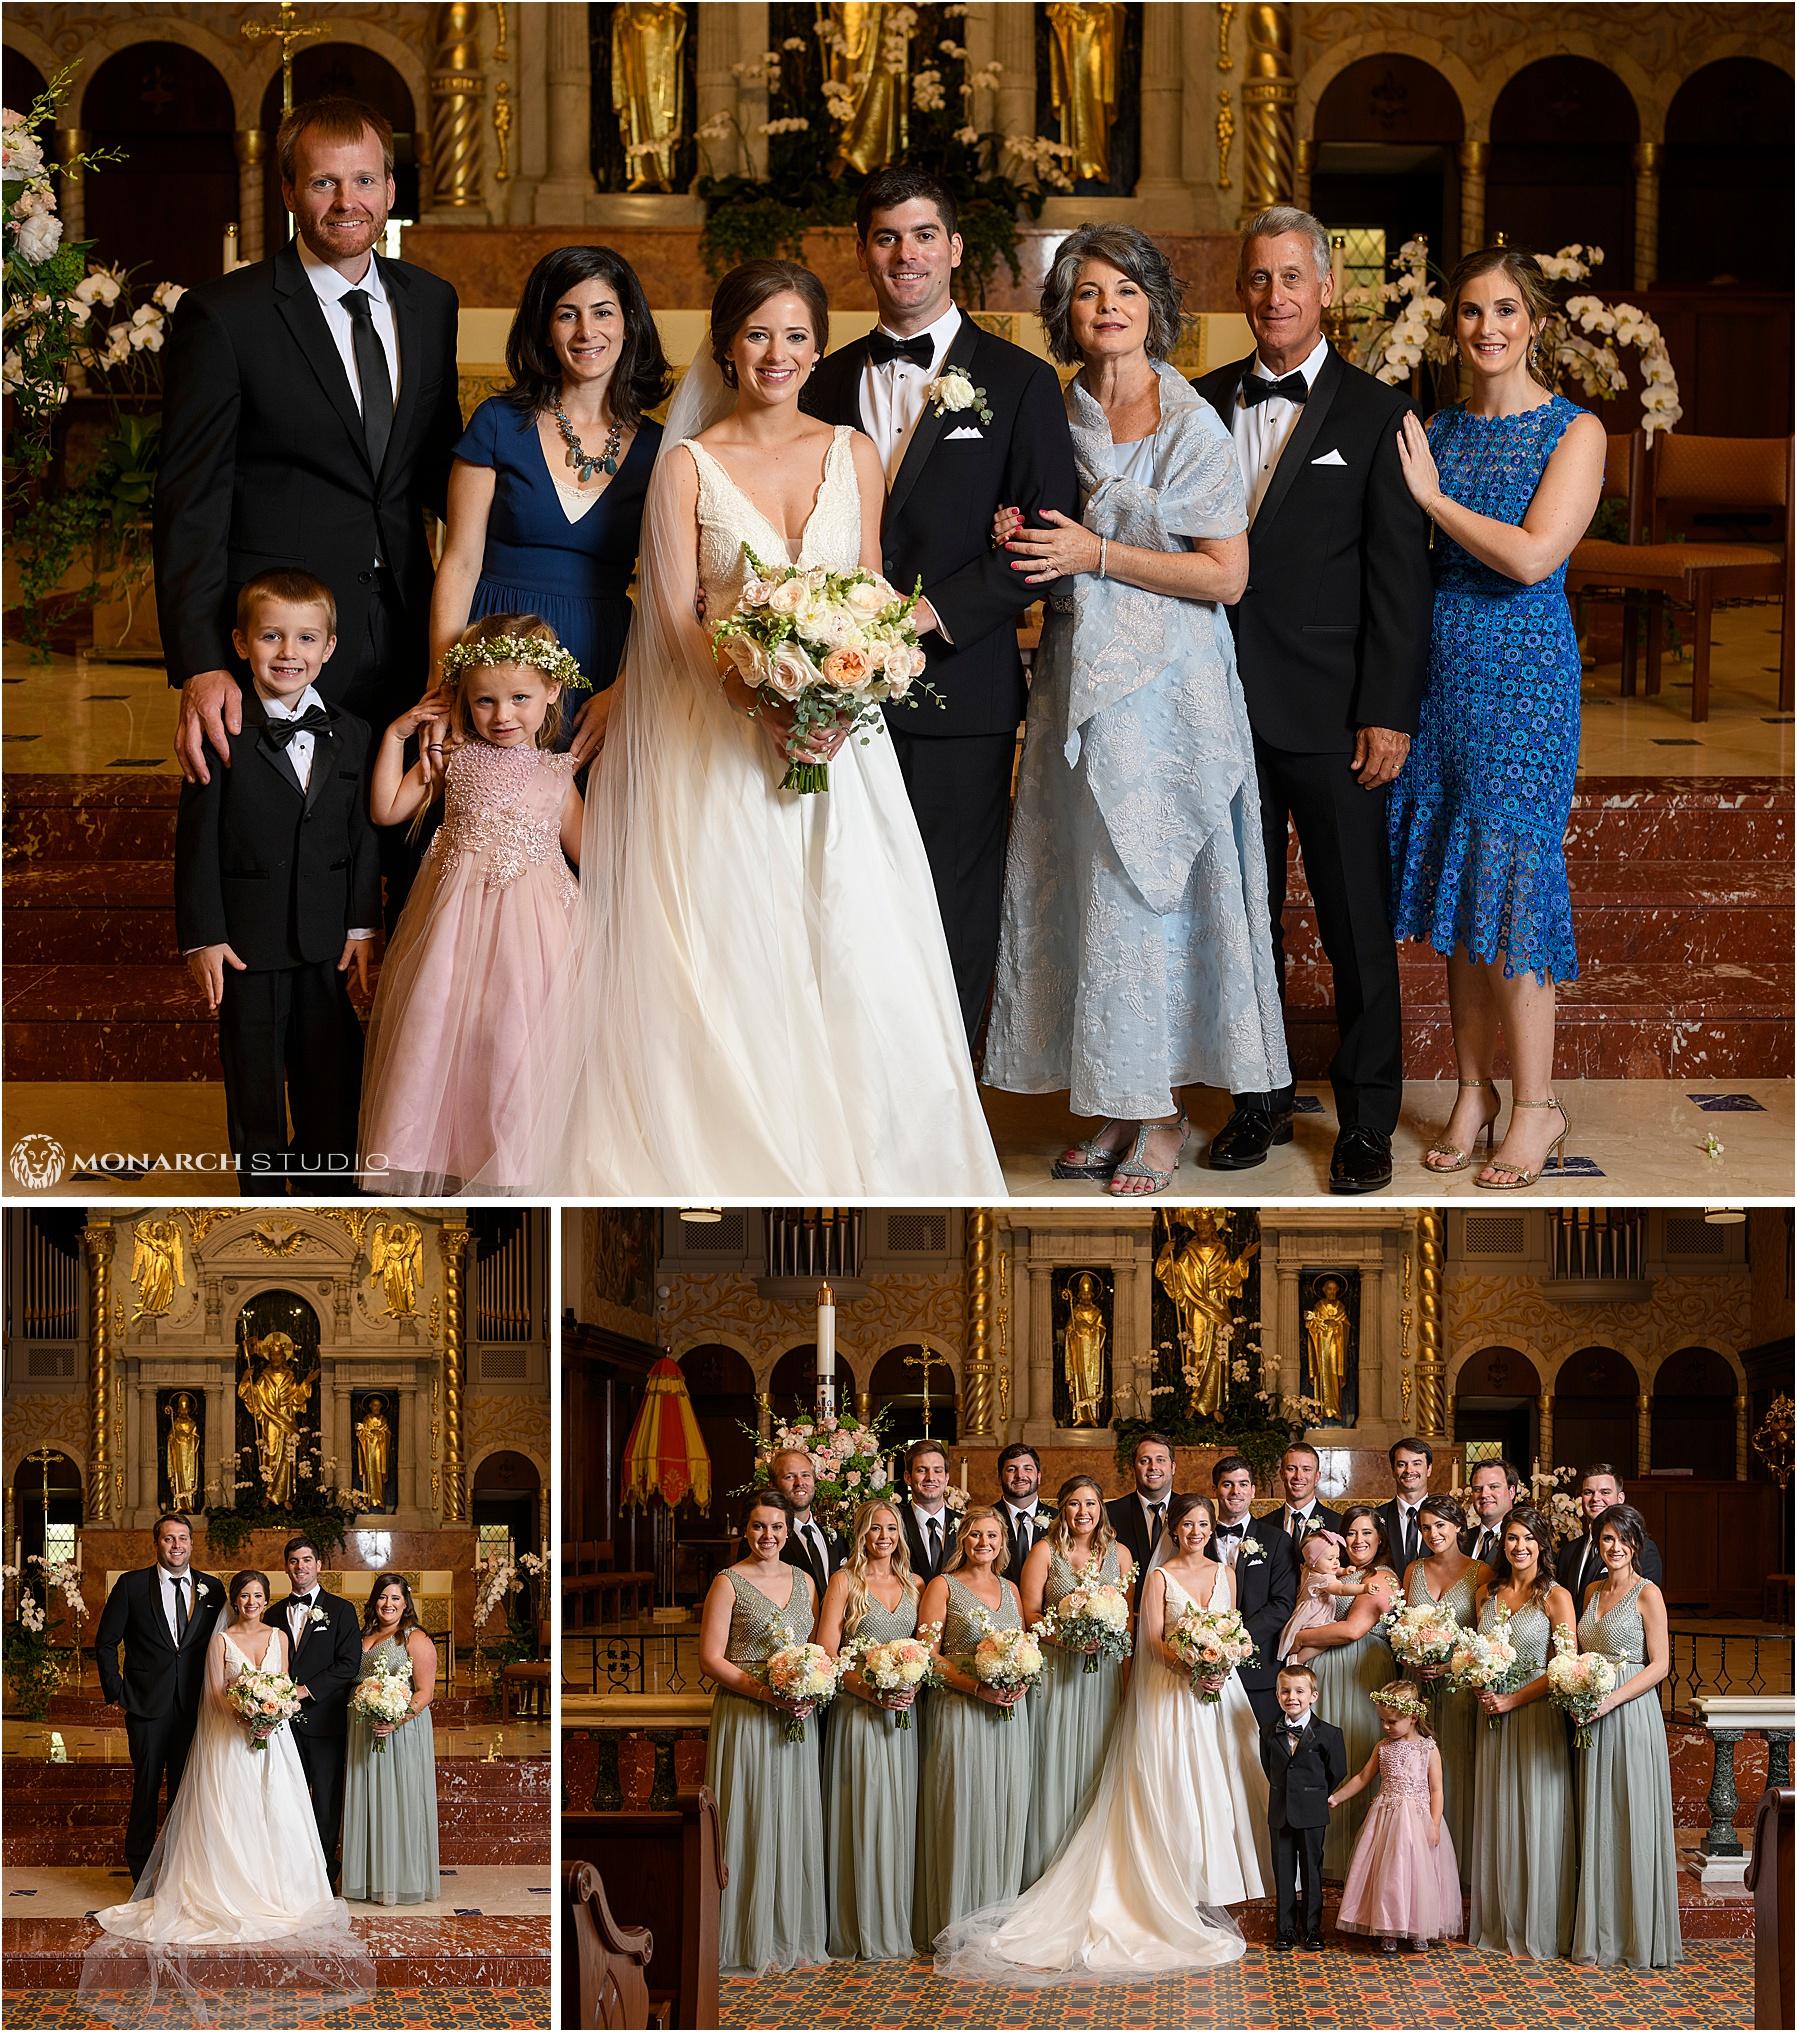 Wedding-PHotographer-in-st-augustine-2019-053.jpg